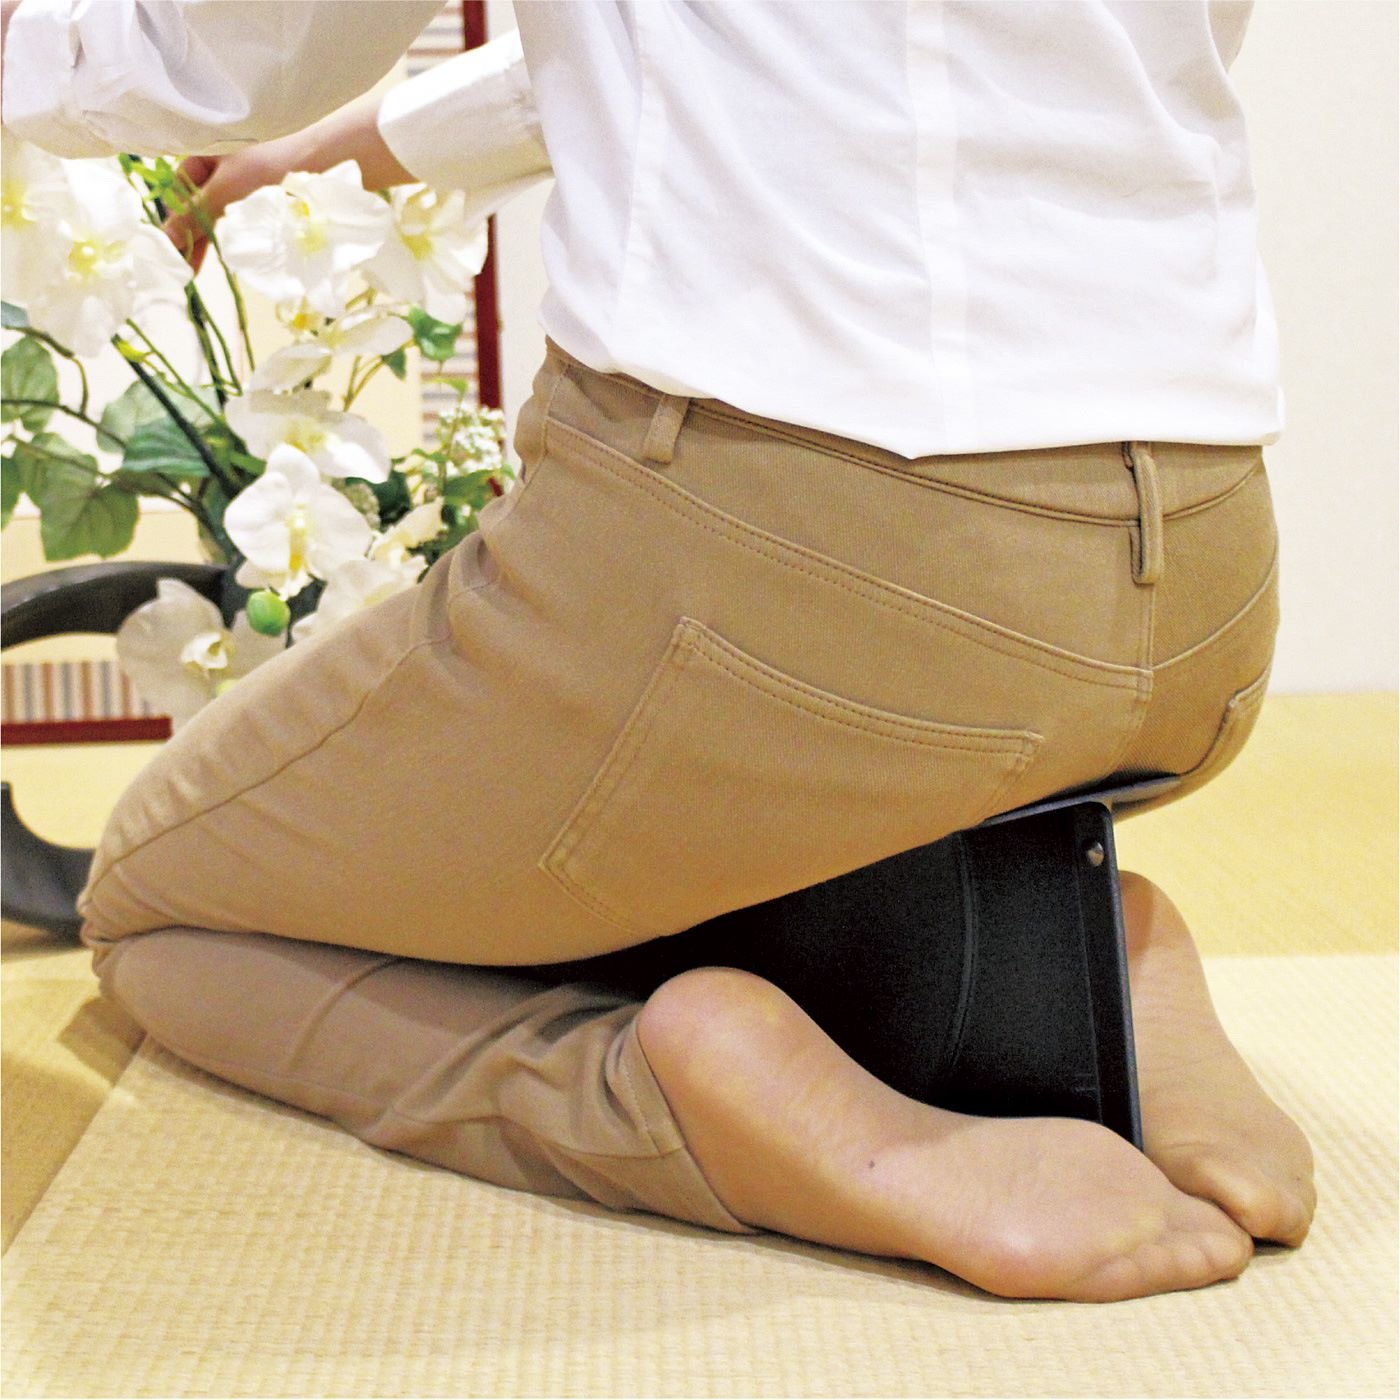 おけいこでしびれてしまう足に パタッと折りたためて持ち運びに便利な正座いす